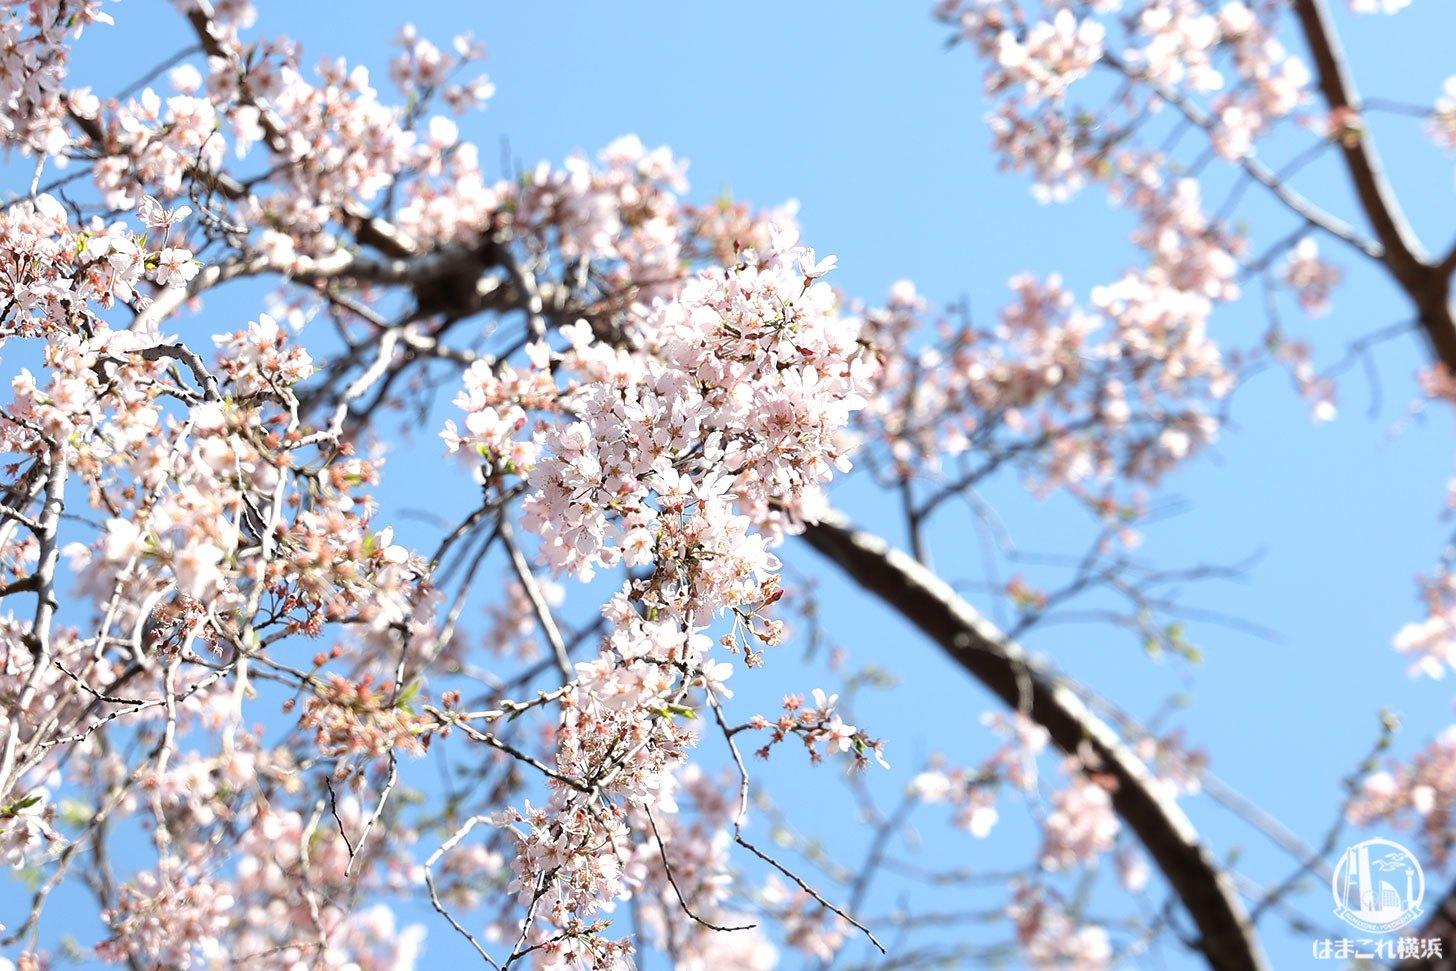 山下公園 しだれ桜 葉桜